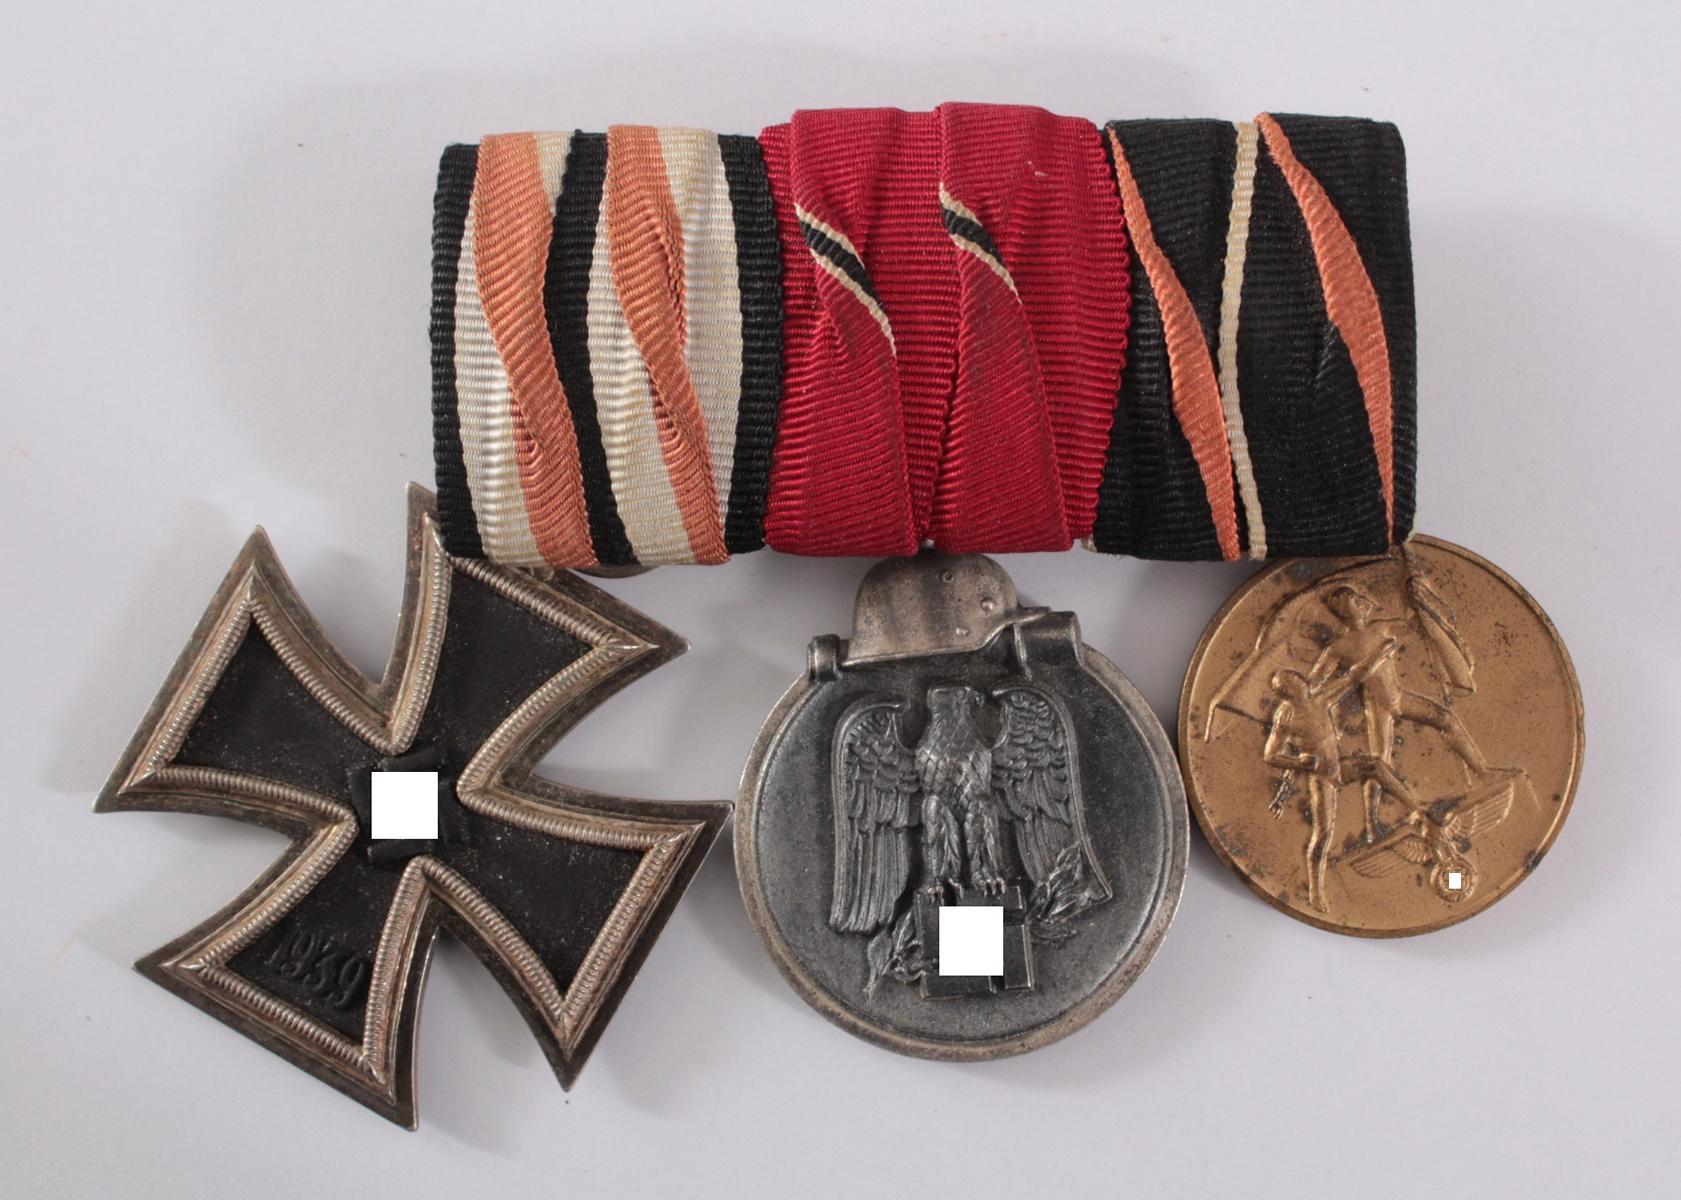 Drittes Reich, Ordensspange mit 3 Auszeichnungen